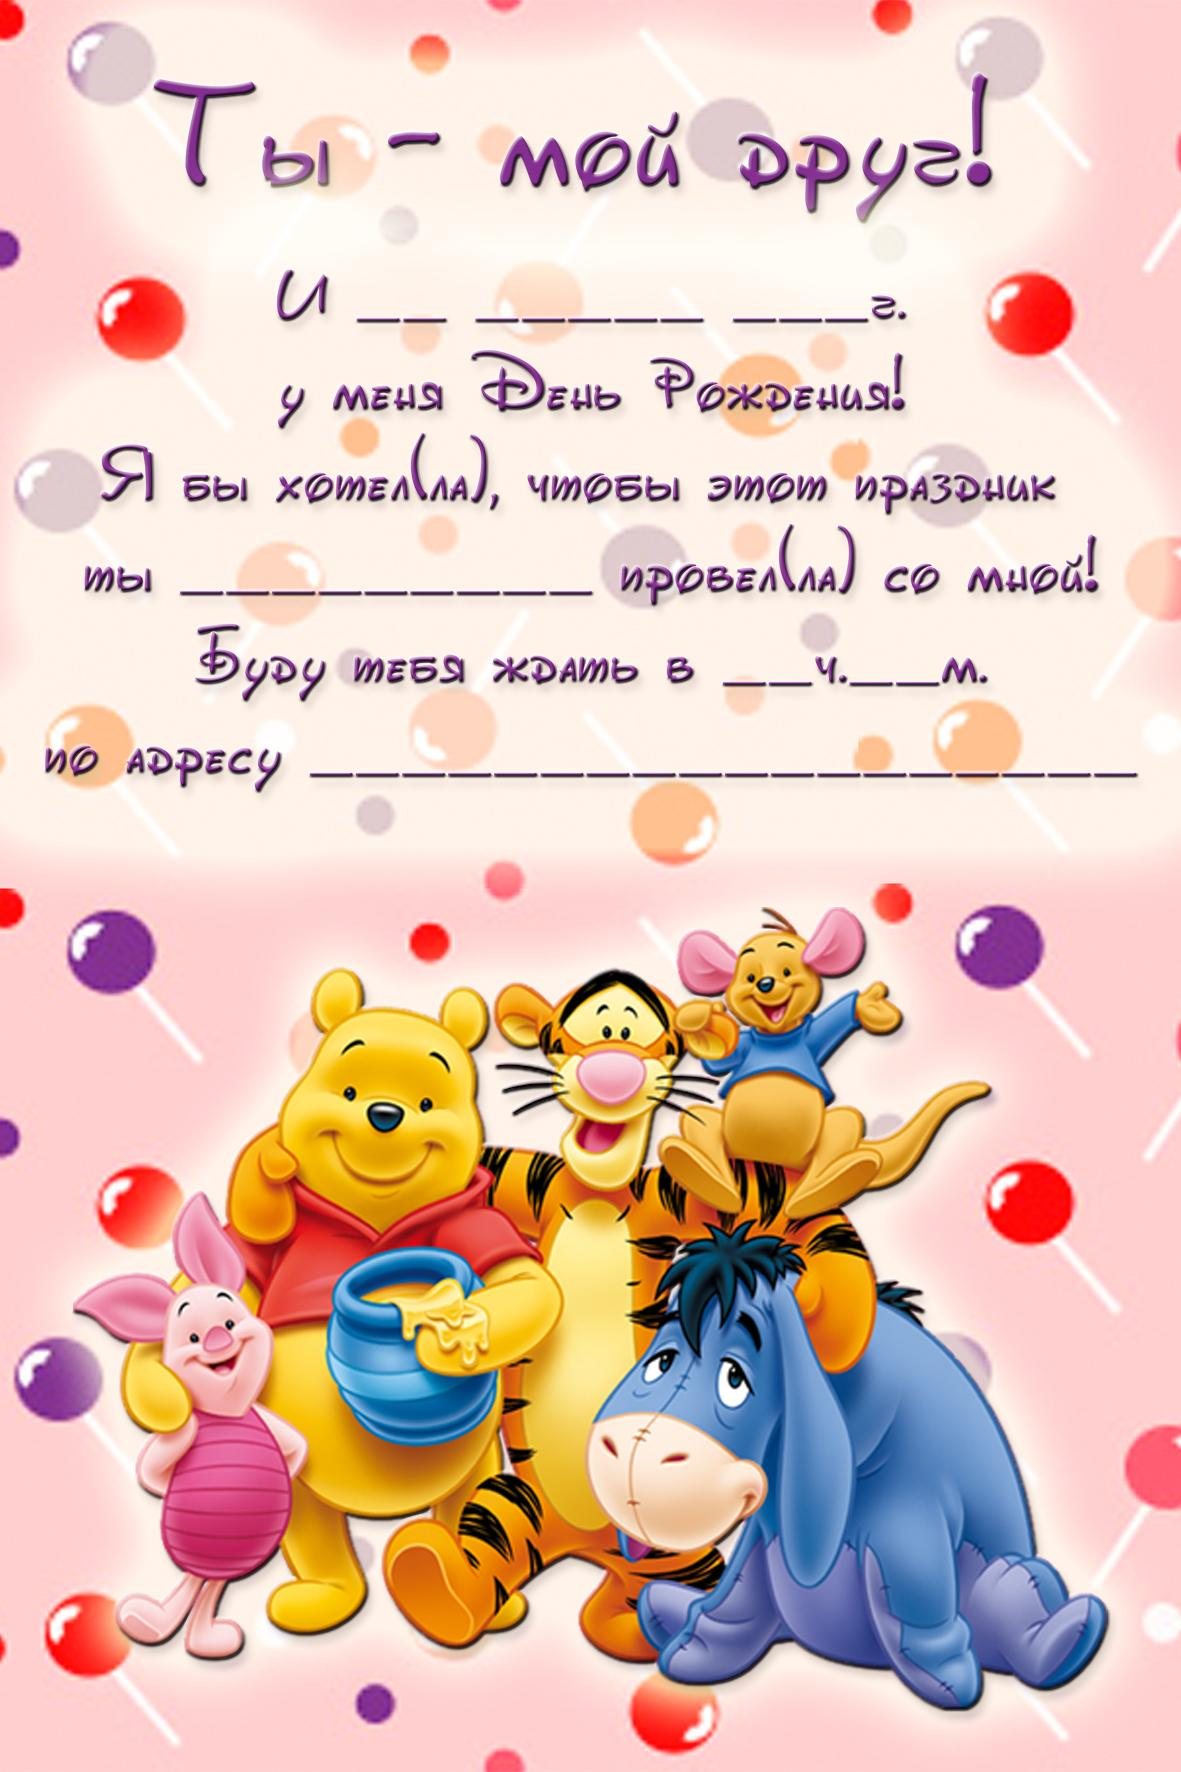 Приглашения на день рождения картинки 10 лет